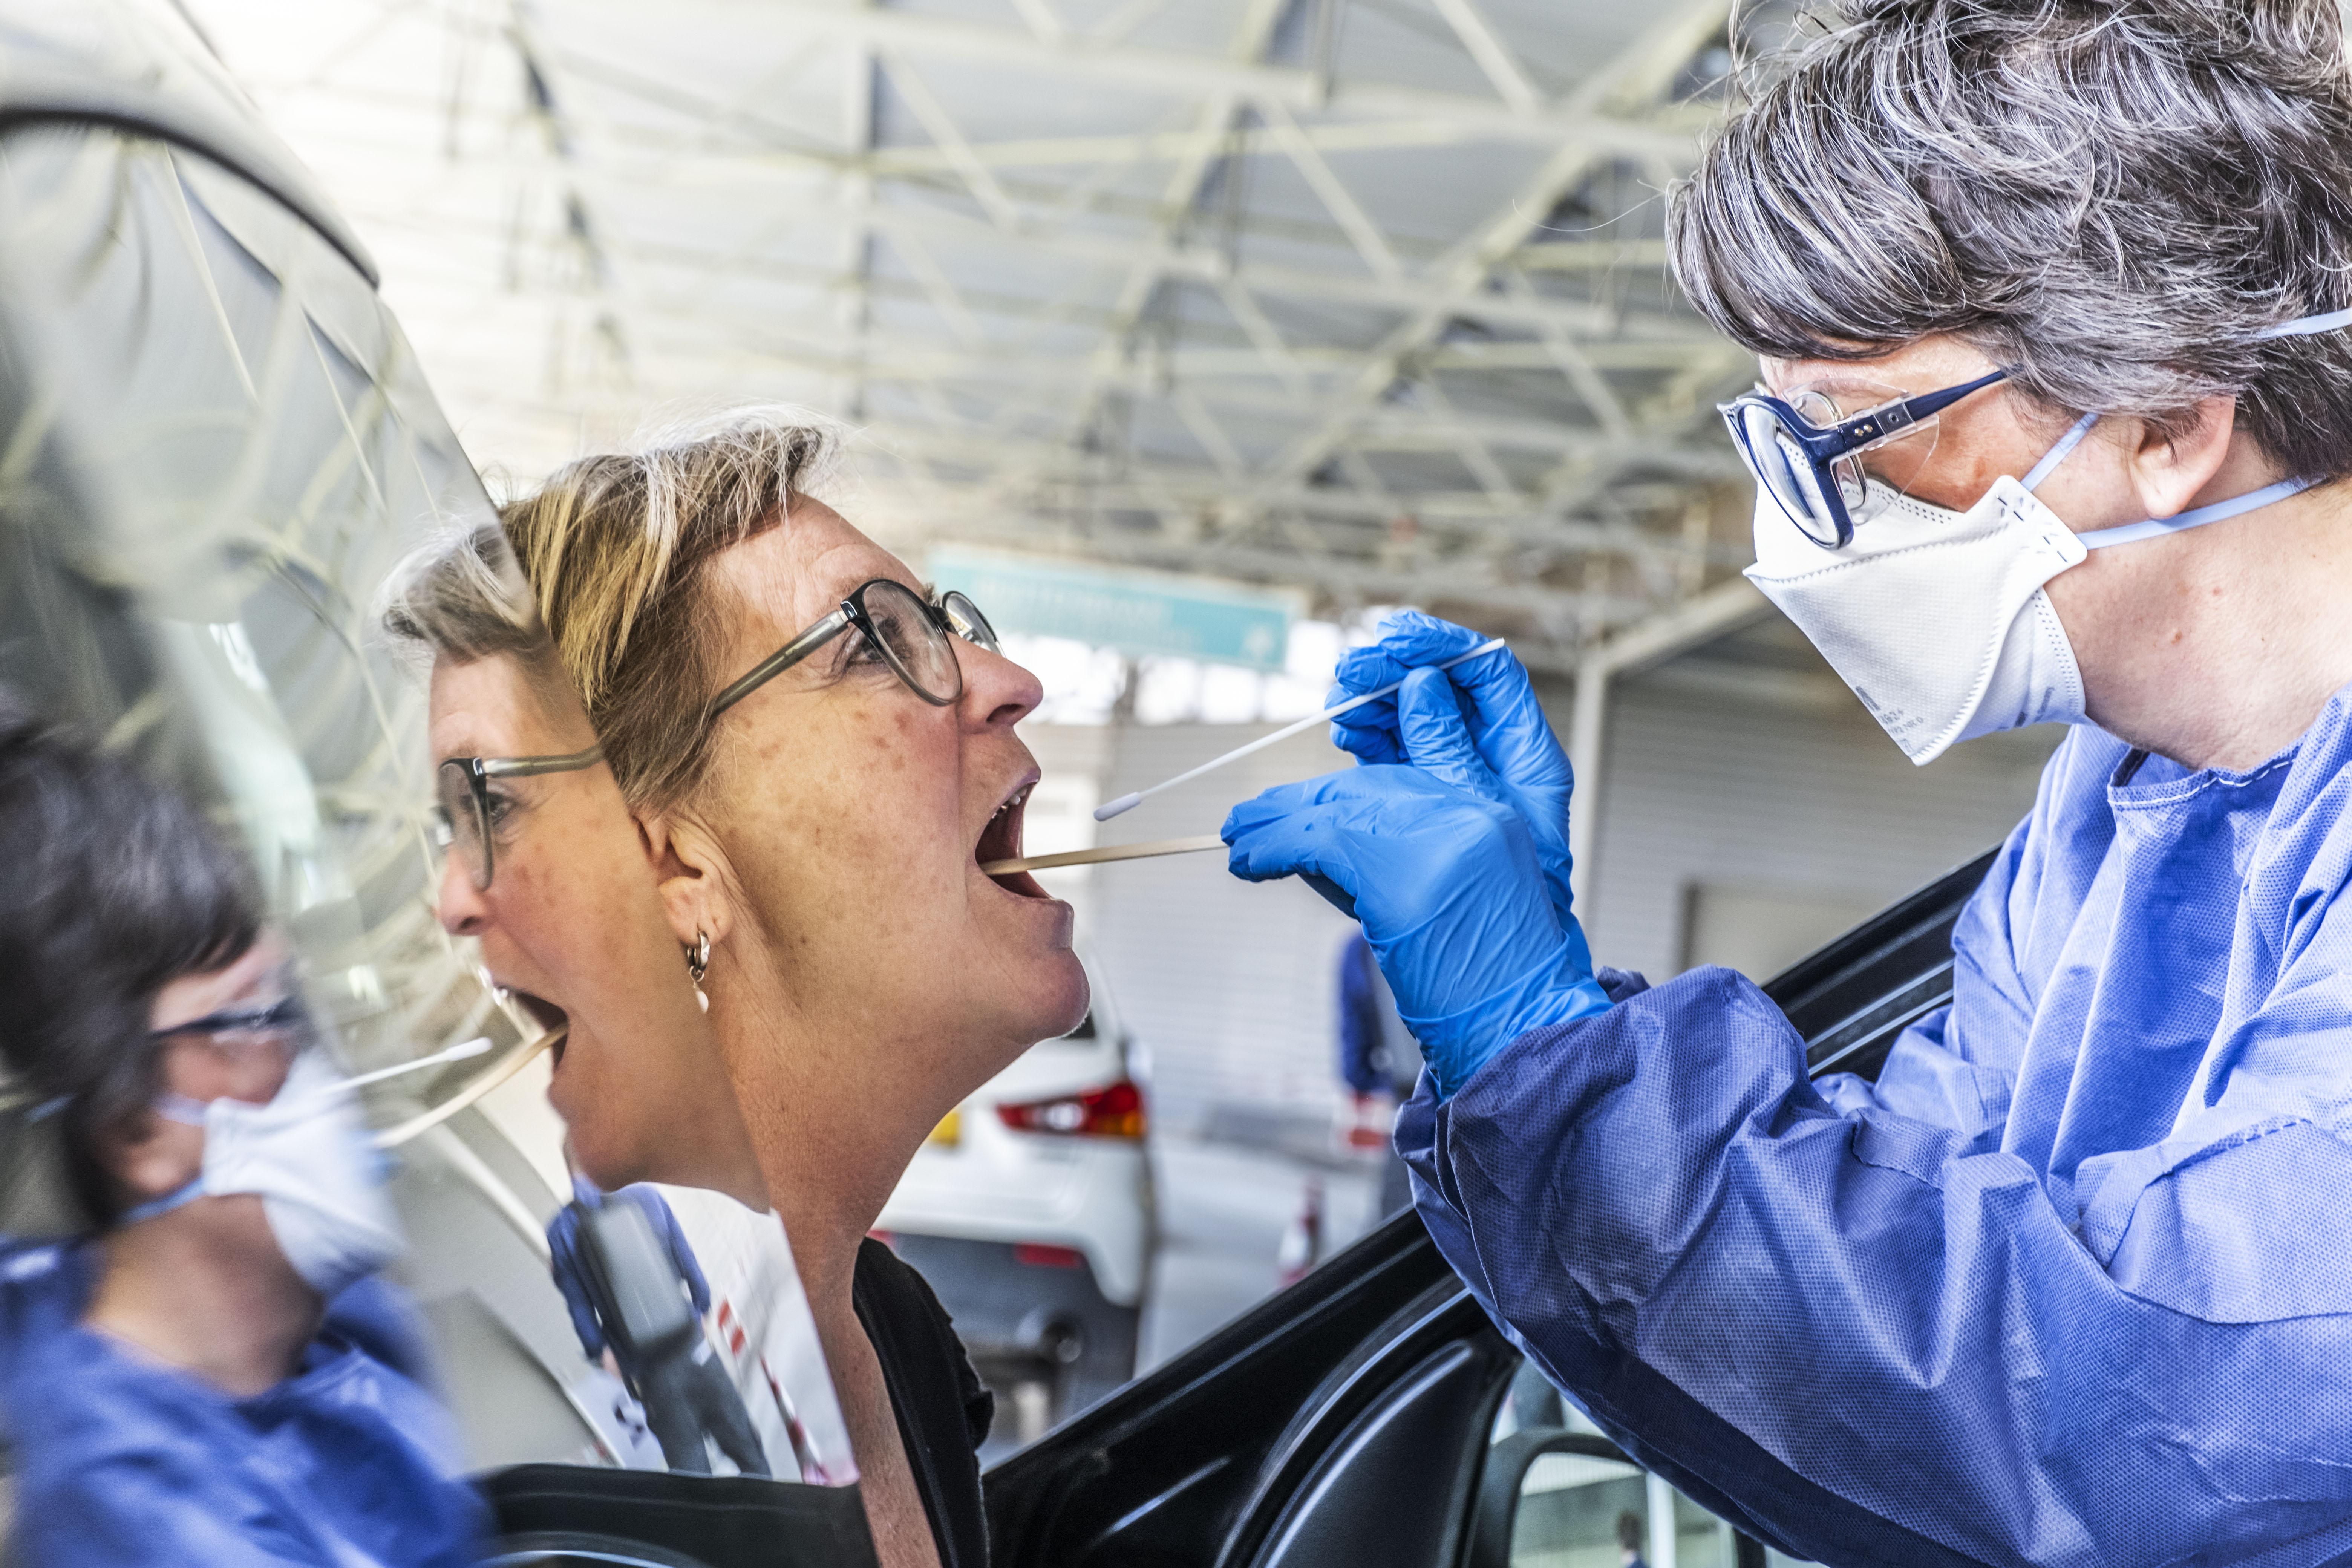 Minder zorgen om coronavirus en gezondheidsrisico's in Noord-Holland Noord: veertig procent vindt strikt naleven maatregelen volgens GGD-onderzoek steeds lastiger